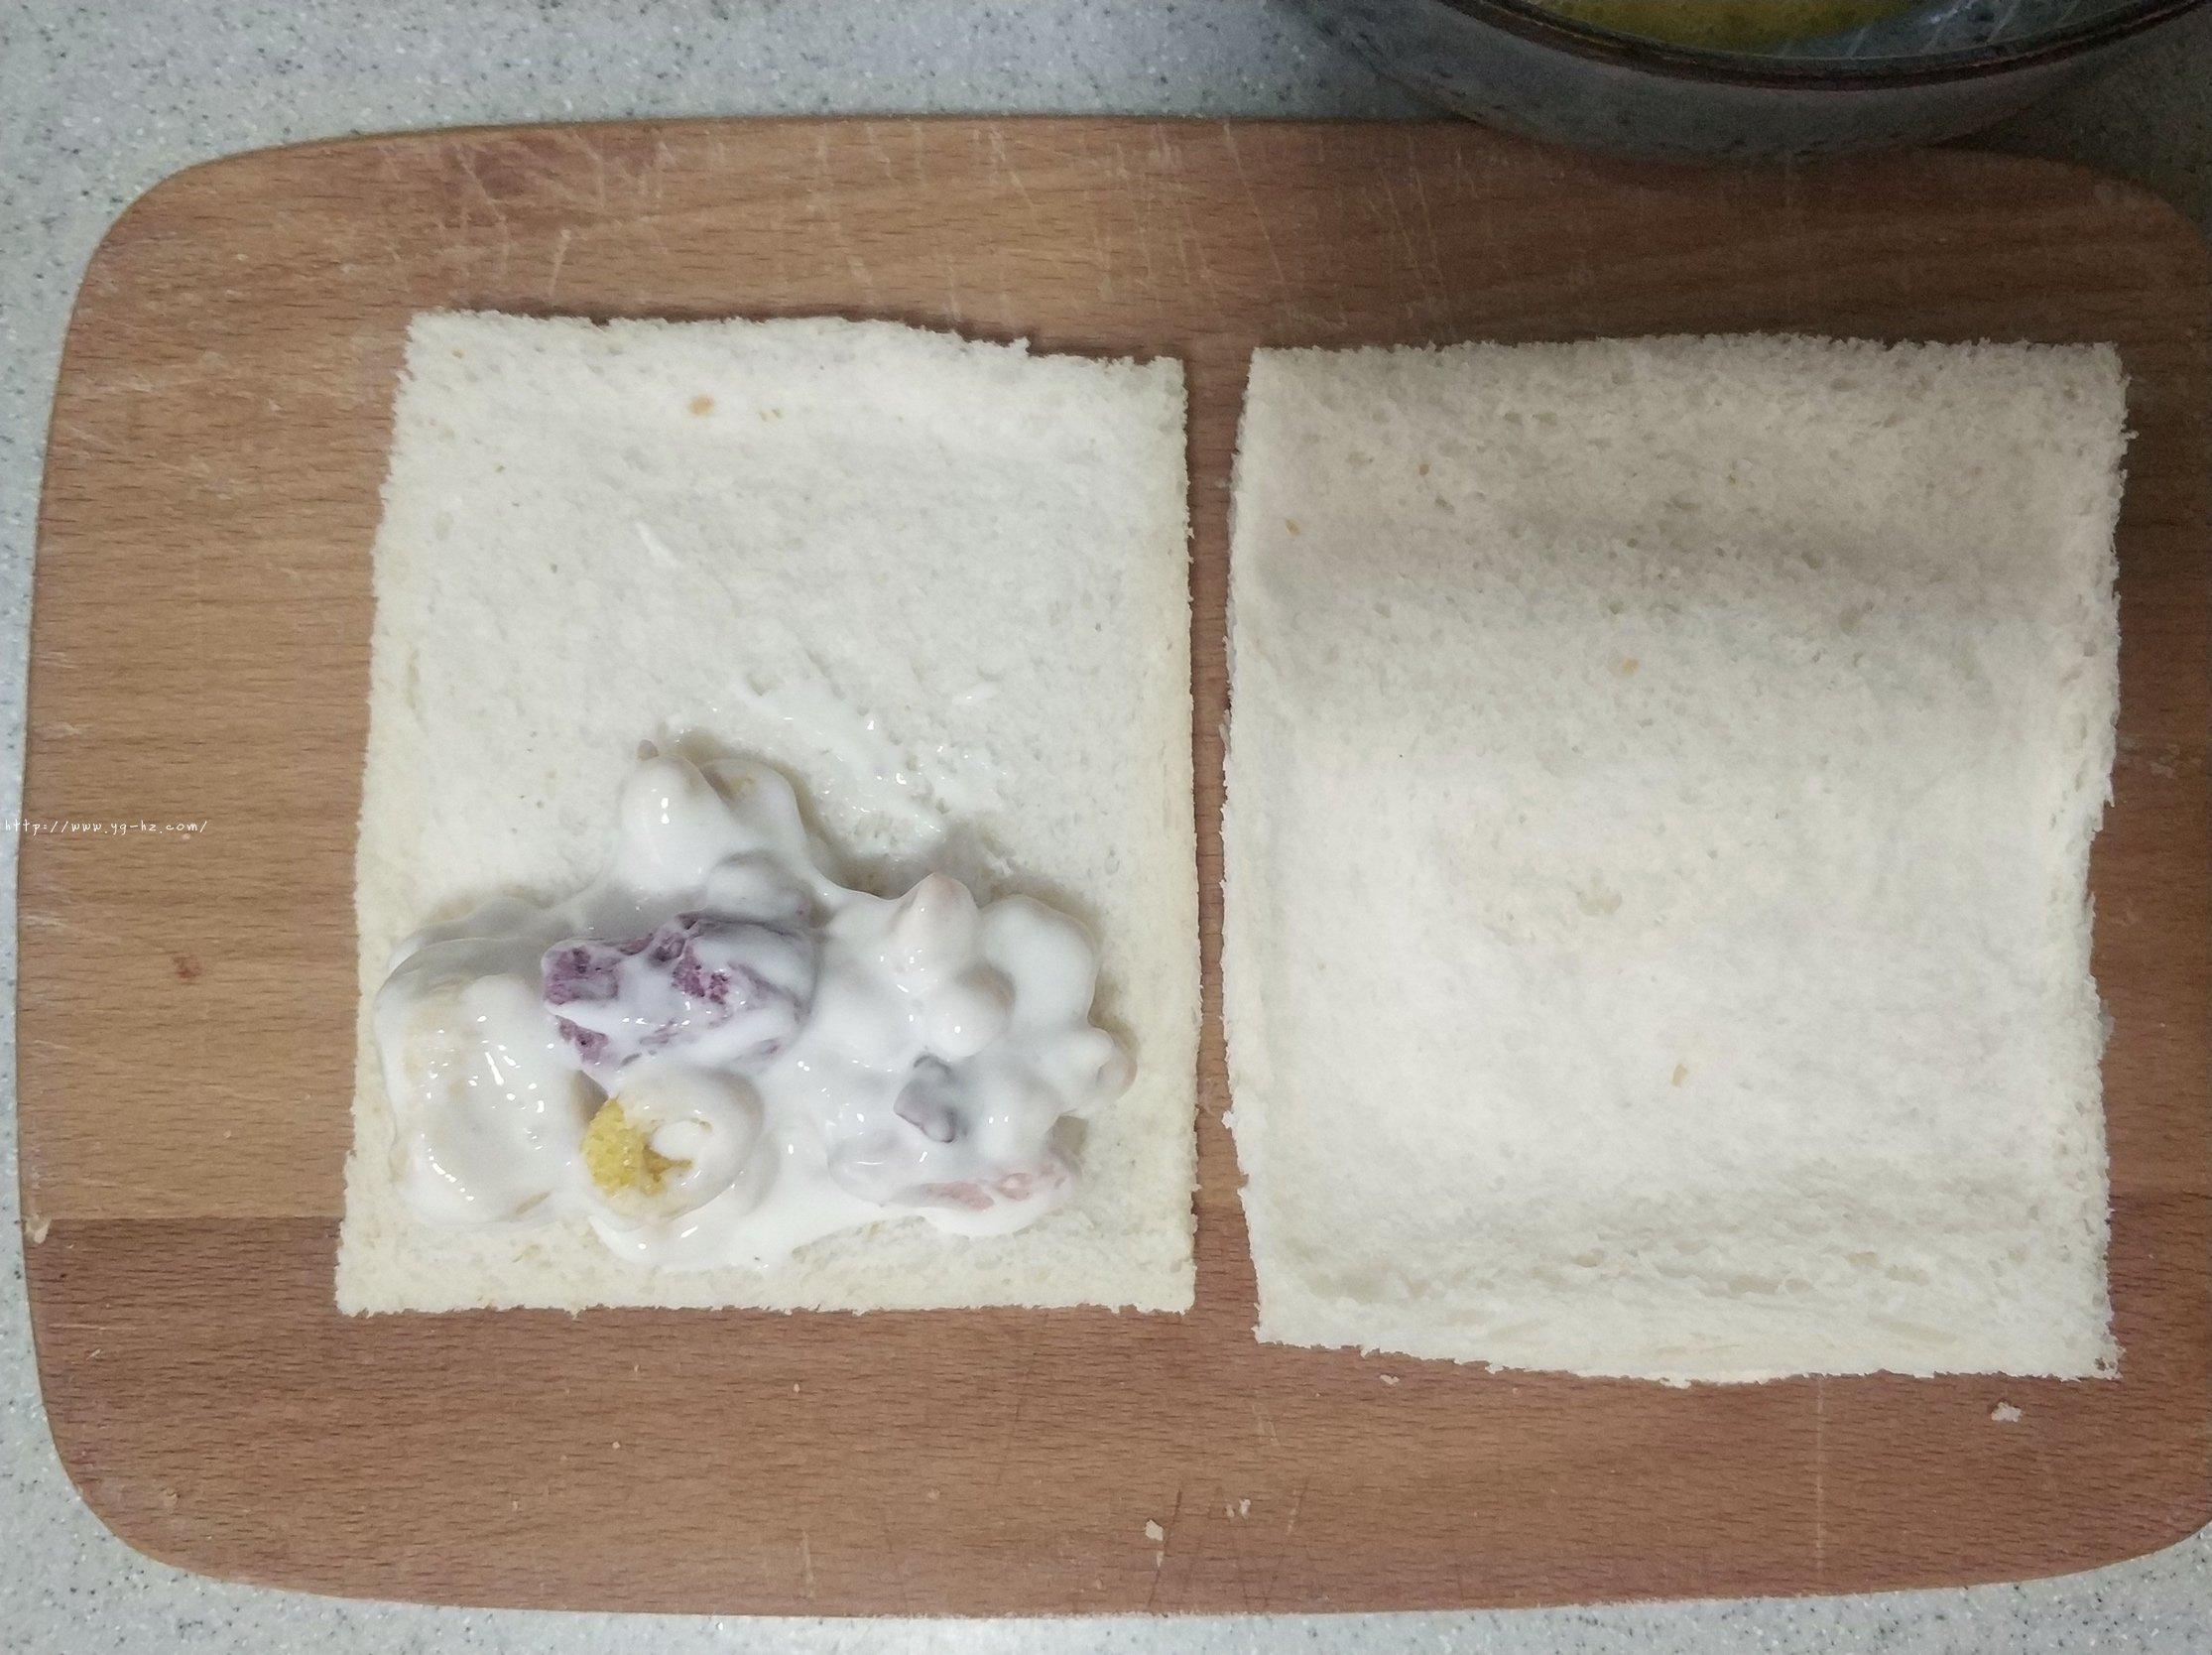 5分钟快手早餐酸奶吐司卷低脂不胖的做法 步骤5